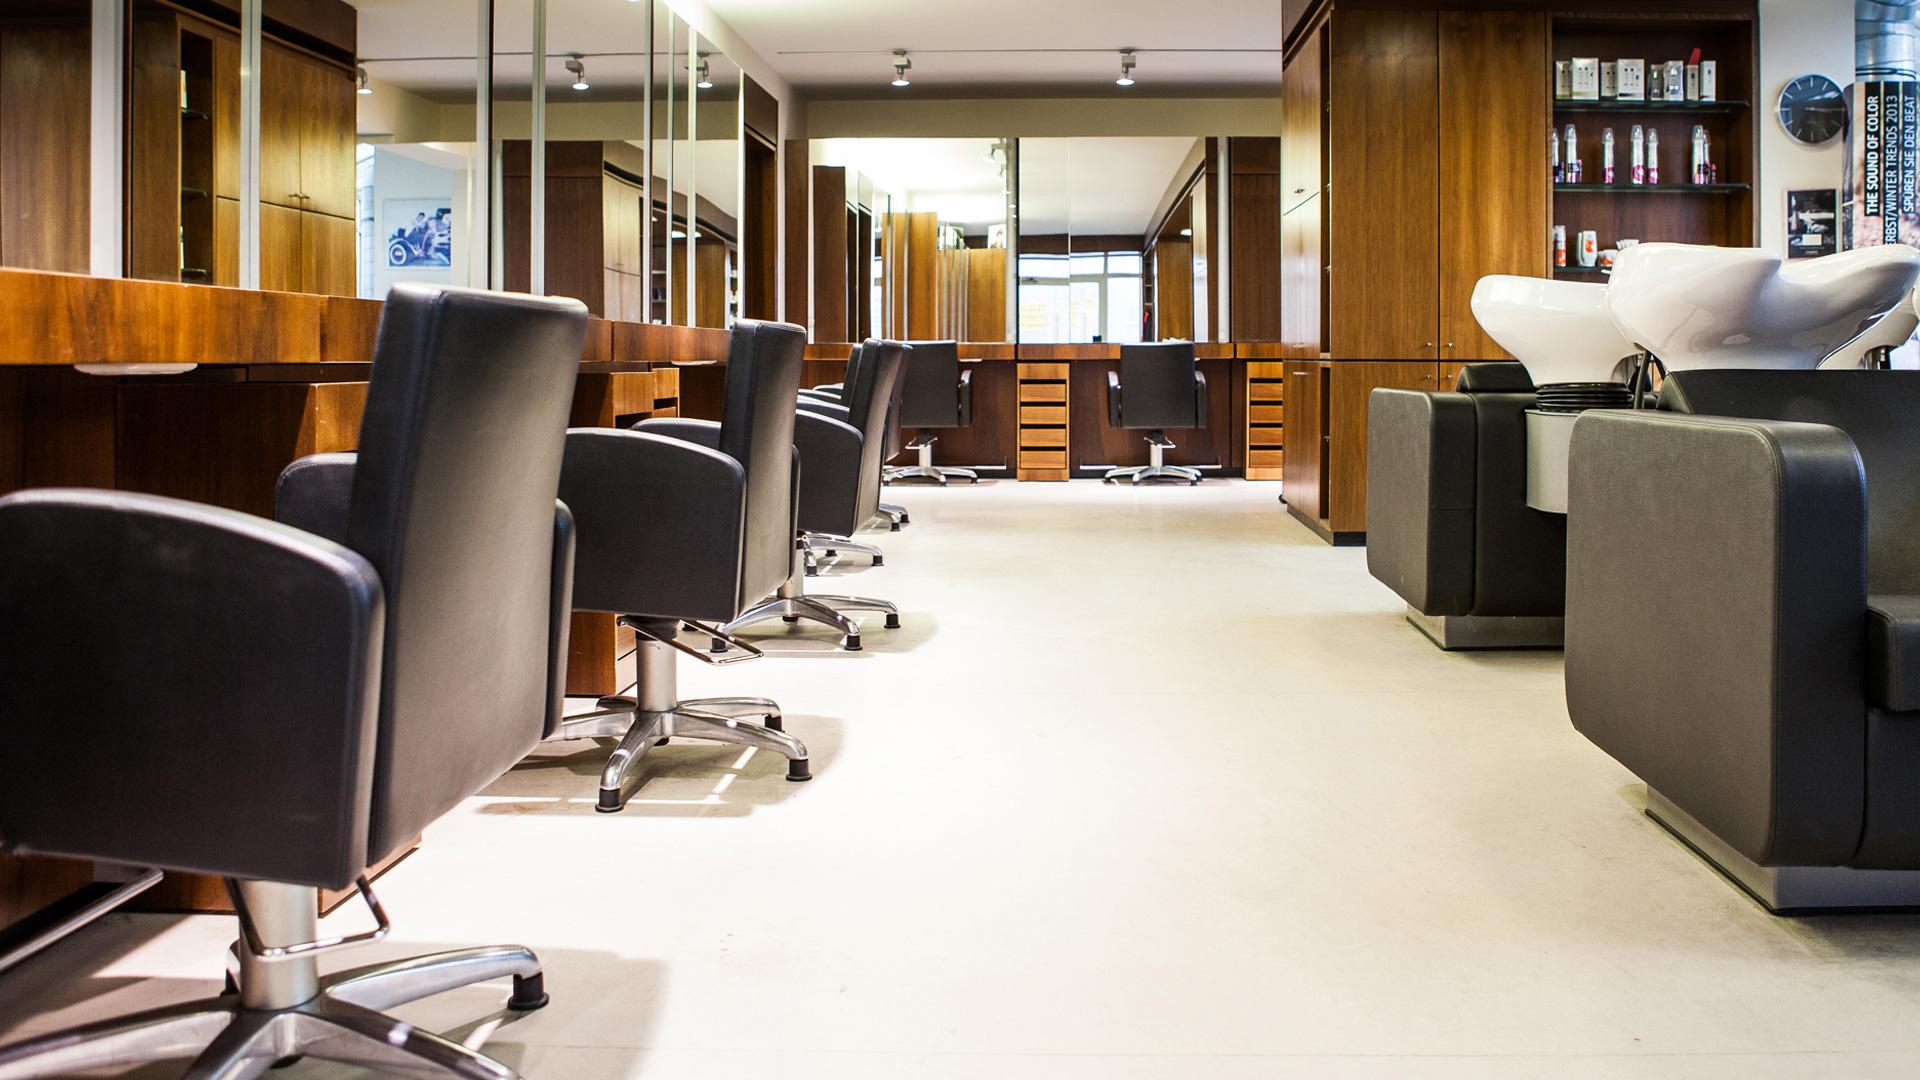 Baumgartner Friseure Salon Dingolfing